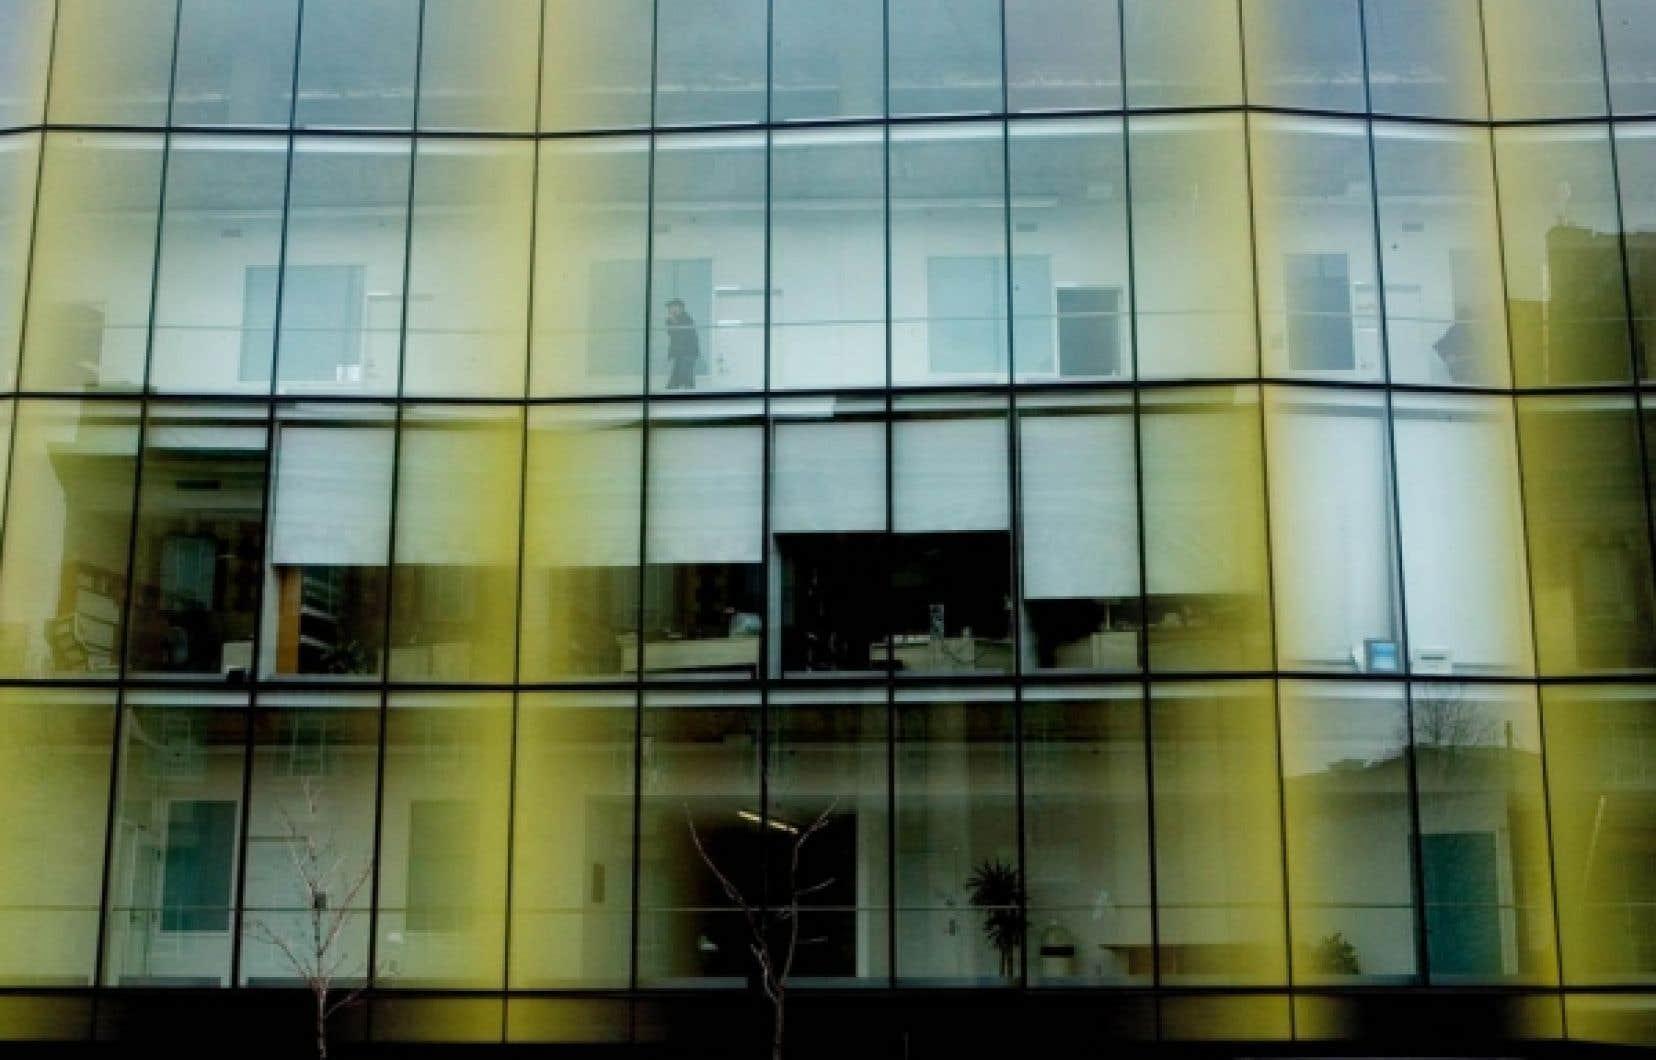 Les locaux de la TELUQ dans un &eacute;difice de l&rsquo;UQAM. L&rsquo;&eacute;tablissement, bas&eacute; &agrave; Qu&eacute;bec, recouvrera sa pleine autonomie au sein du r&eacute;seau UQ.<br />